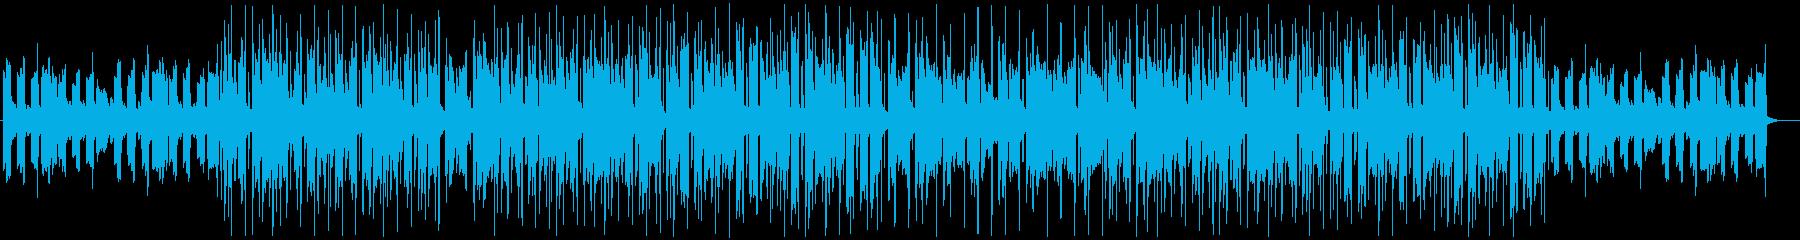 穏やかで優しいエレキギターのチルホップの再生済みの波形